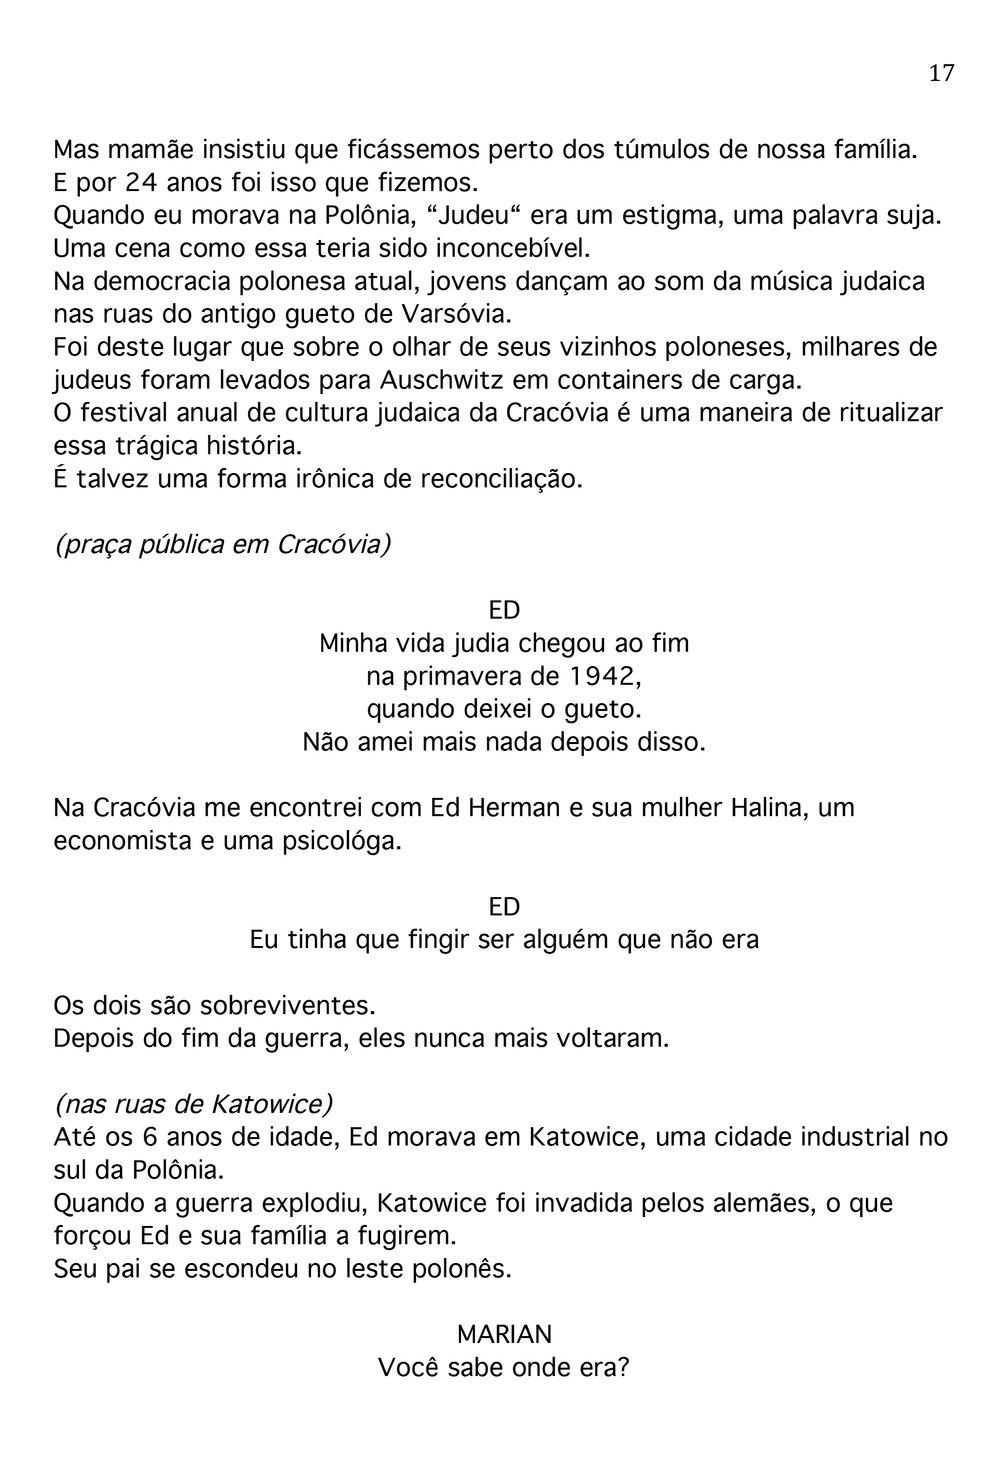 PORTUGUESE-SCRIPT-17.jpg